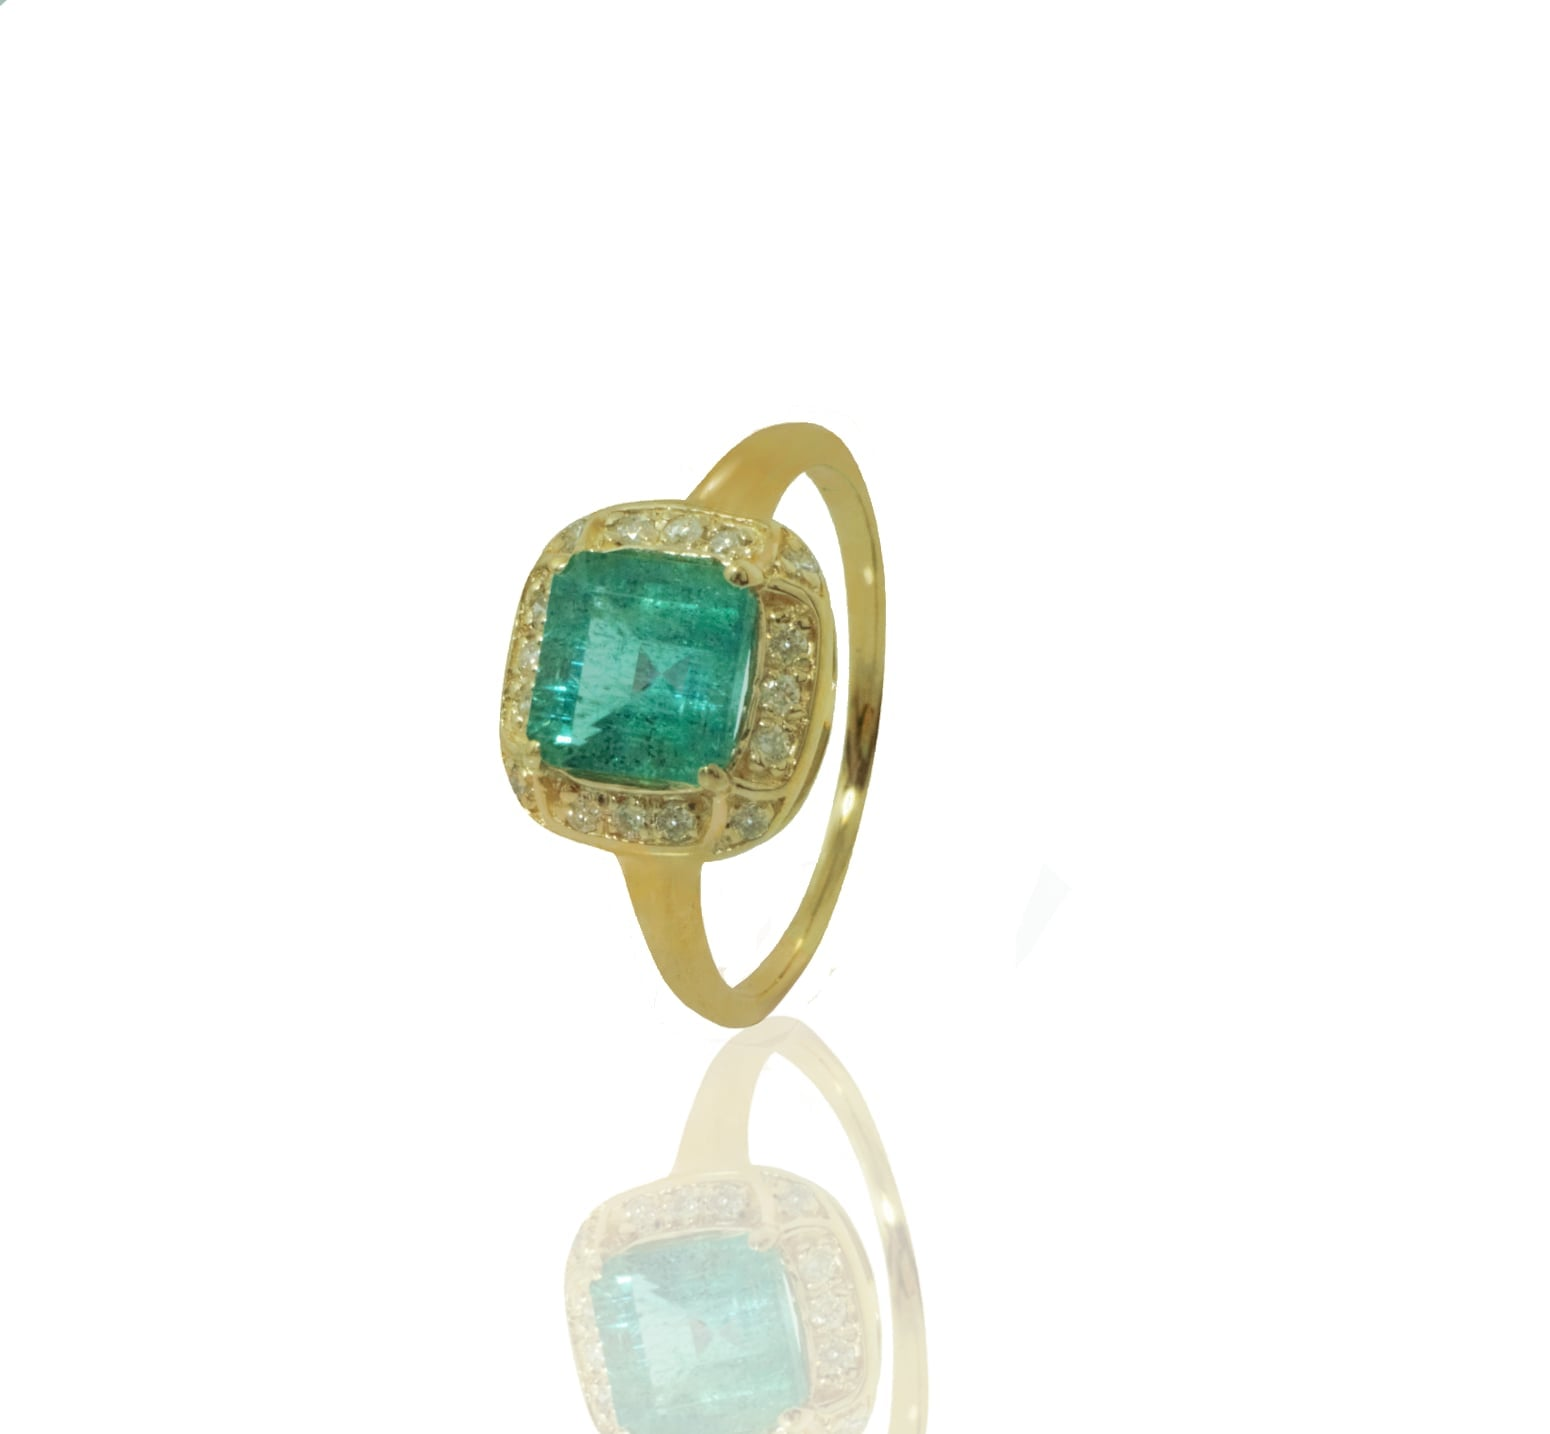 טבעת אמרלד ויהלומים טבעת אבן חן אמרלד מרובעת בזהב